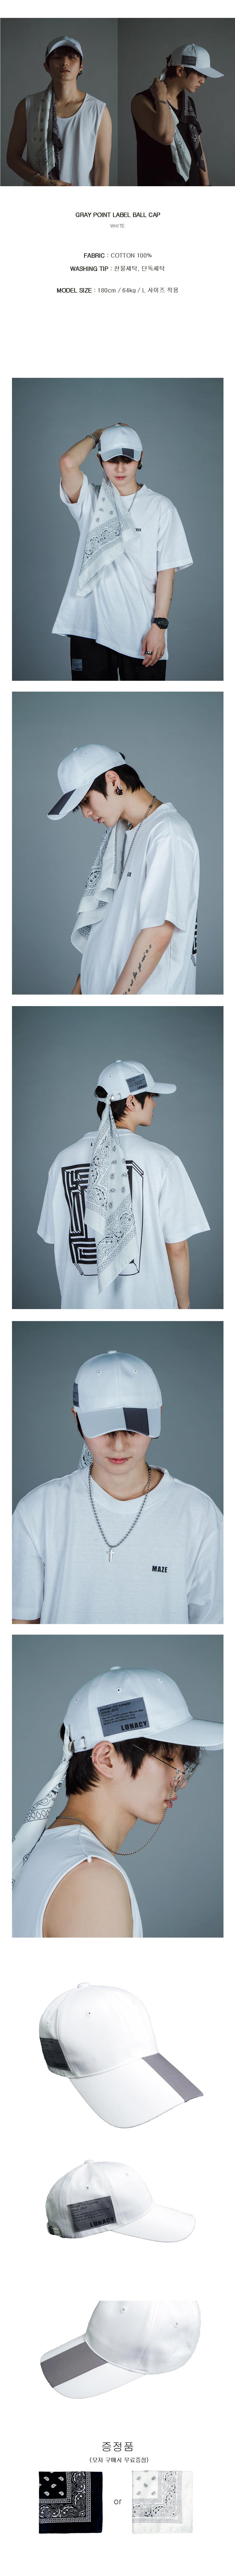 9번-모자-흰색-상세.jpg